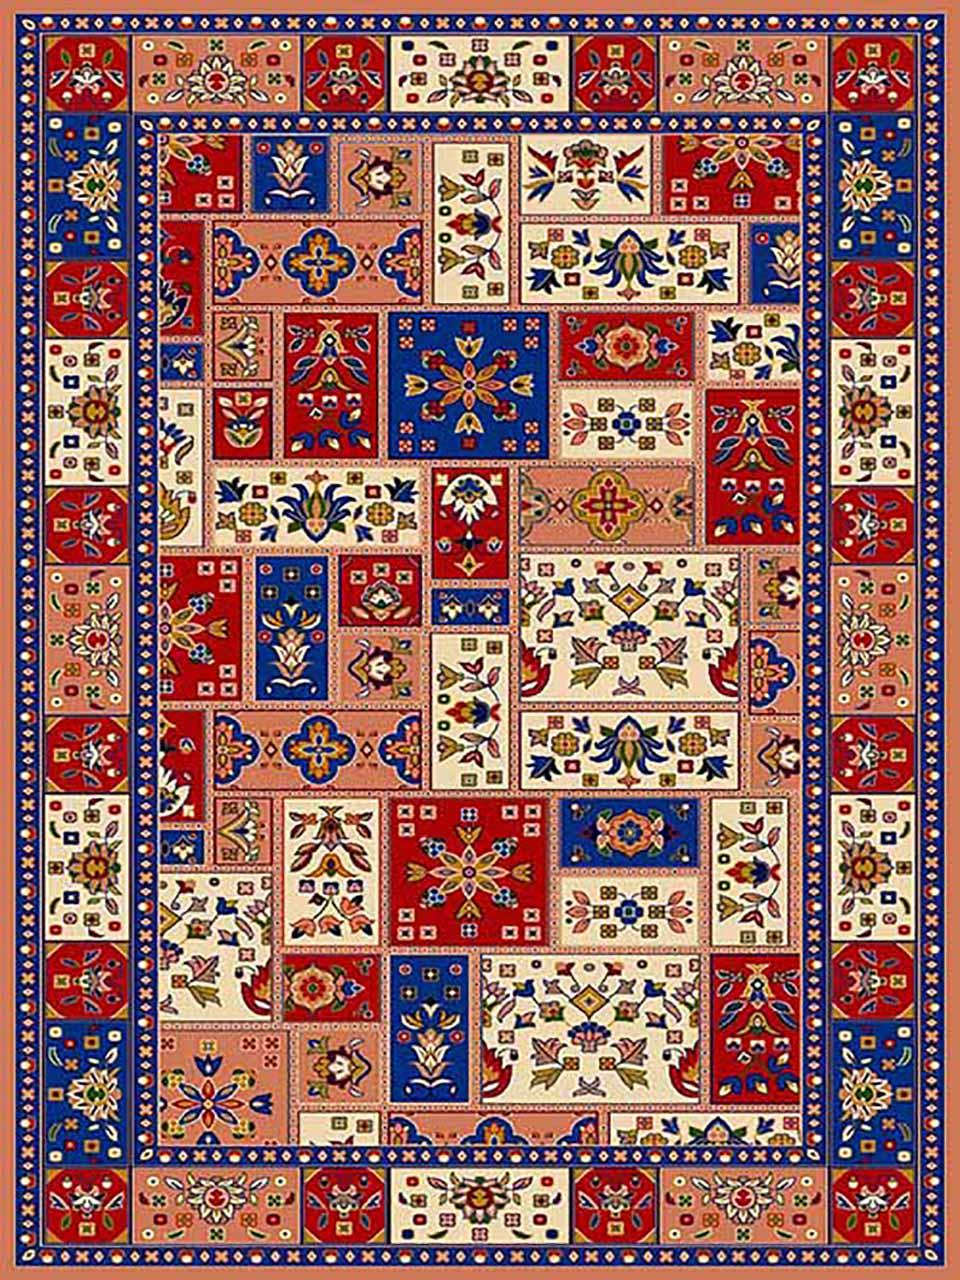 فرش (272) پلی پروپیلن - 8 رنگ - 320 شانه - صورتی - تراکم 960